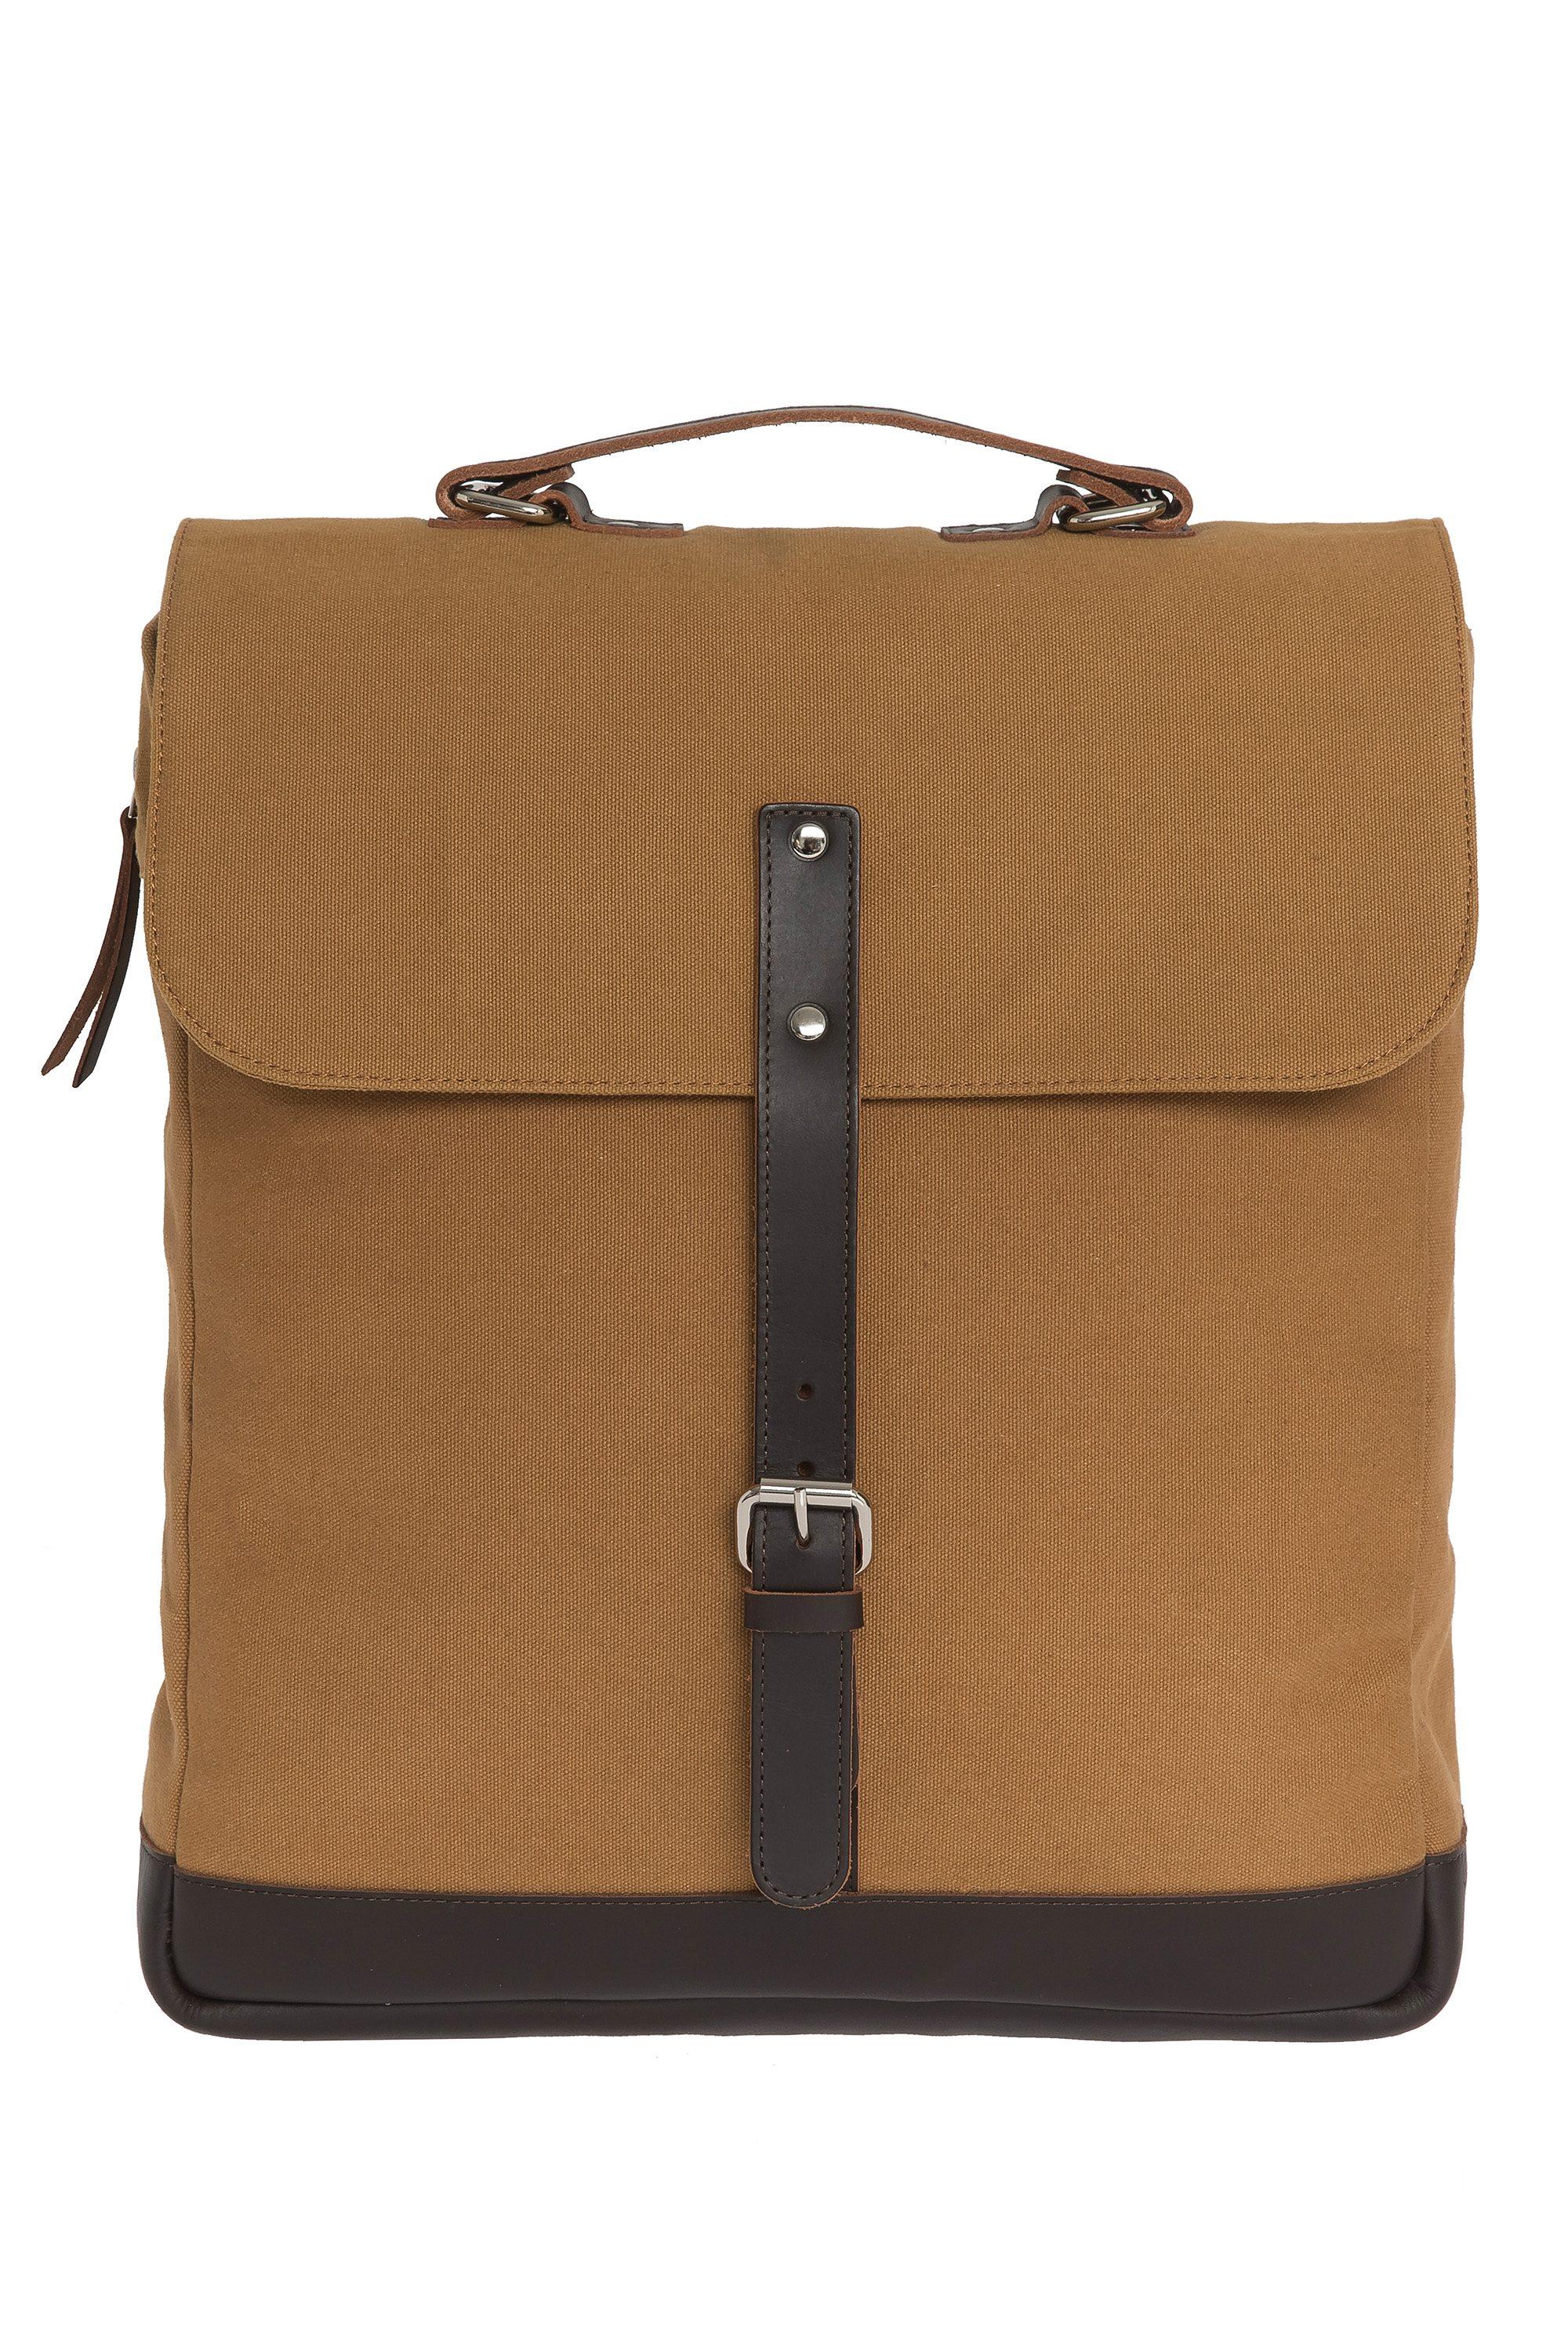 Enter Messenger Rucksack, »Messenger Backpack, Khaki/Dark Brown«